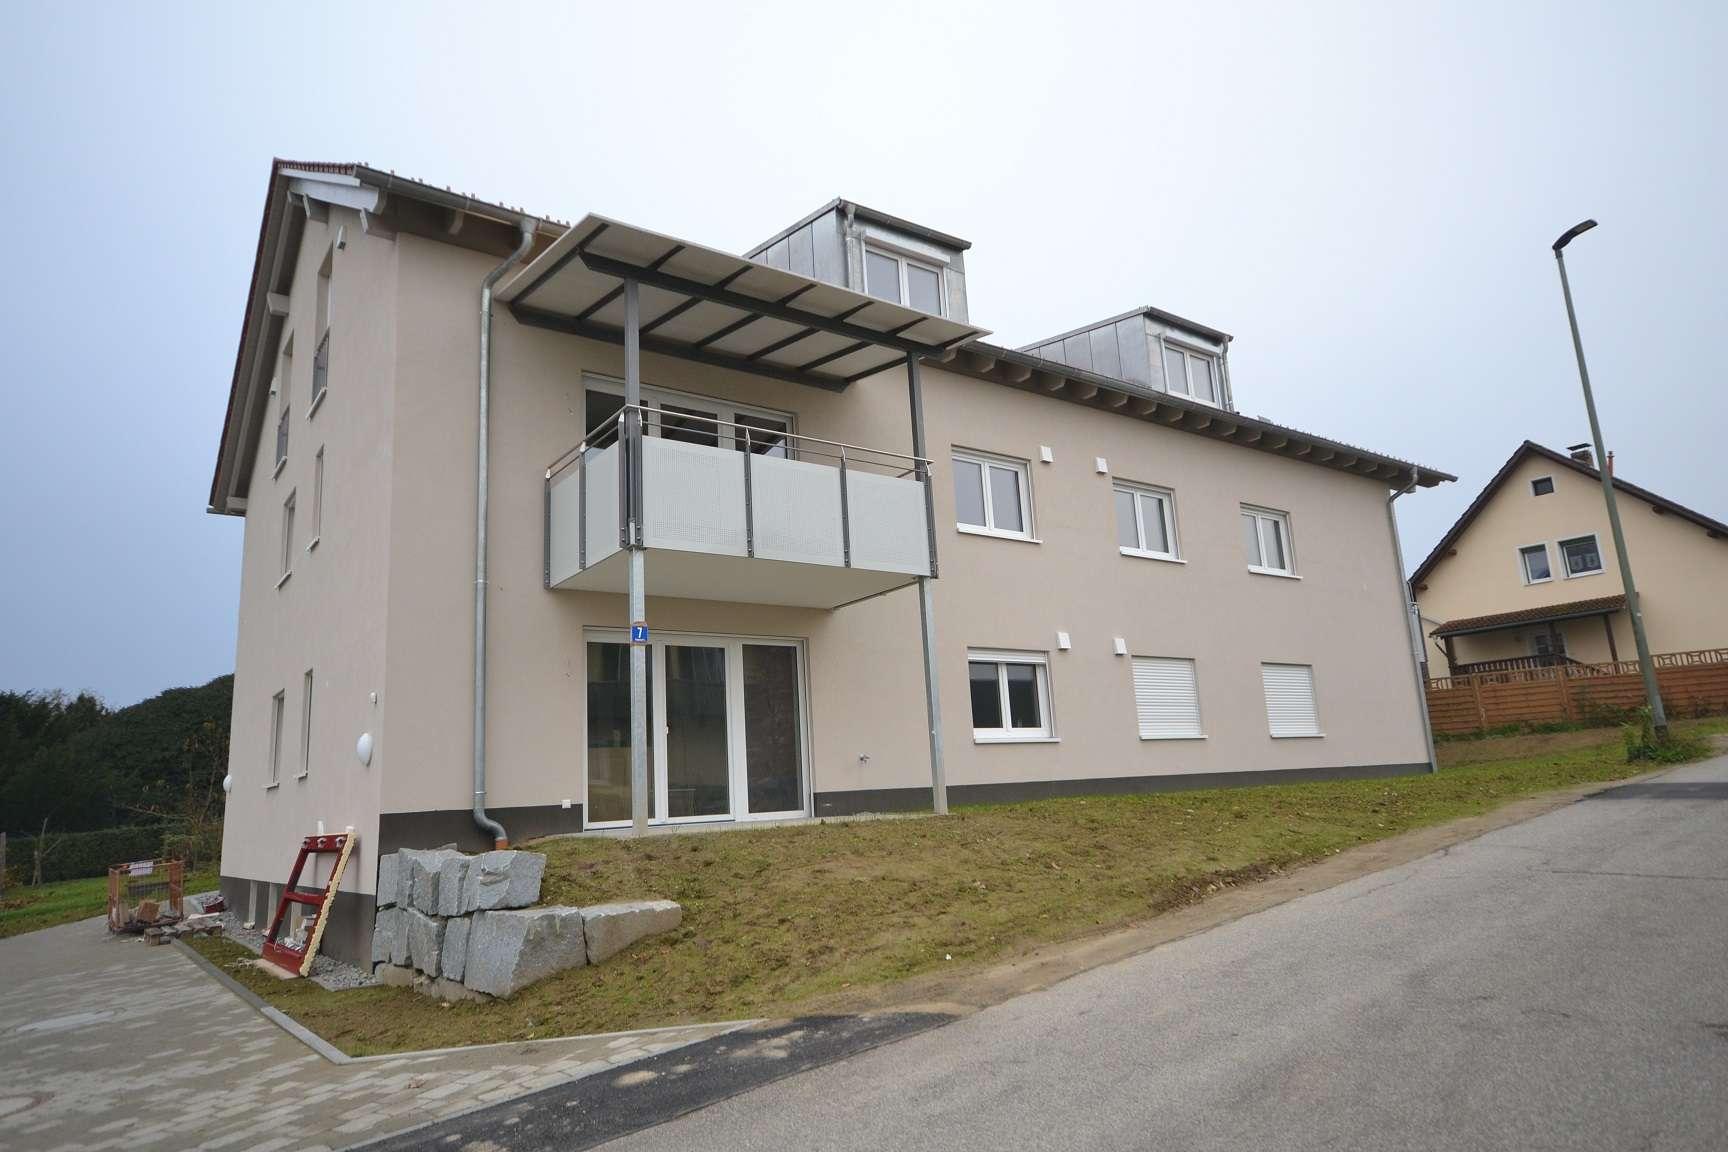 3-Zimmer-Whg. mit Gartenanteil in Heining (Passau)